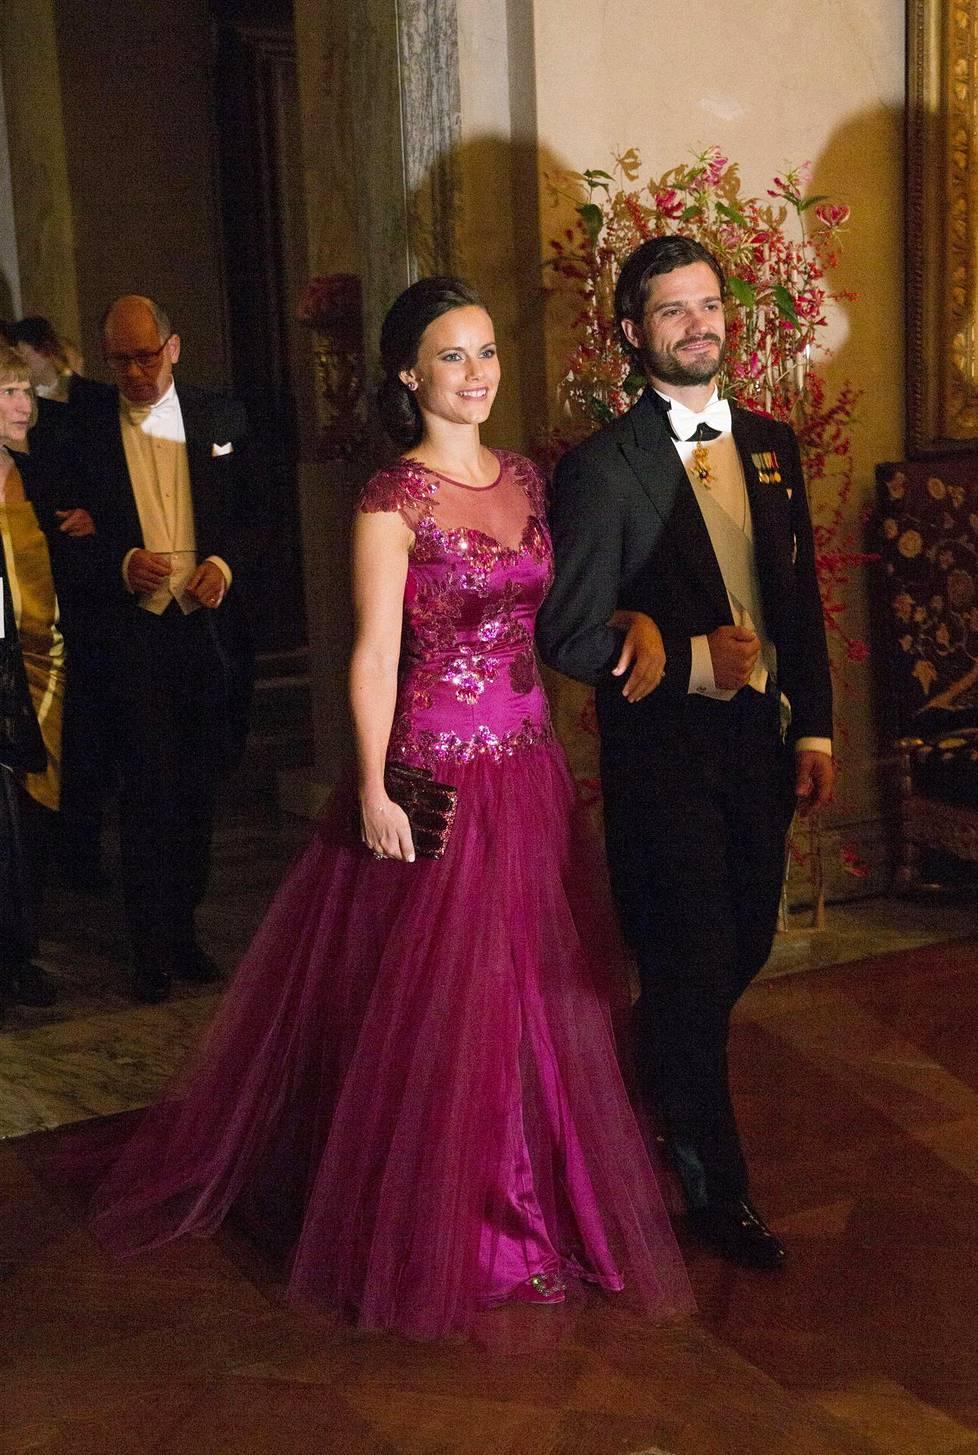 Prinsessa Sofian ensiesiintyminen Carl Philipin kanssa Nobel-gaalassa tapahtui vuonna 2014, jolloin media seurasi paria herkeämättä.